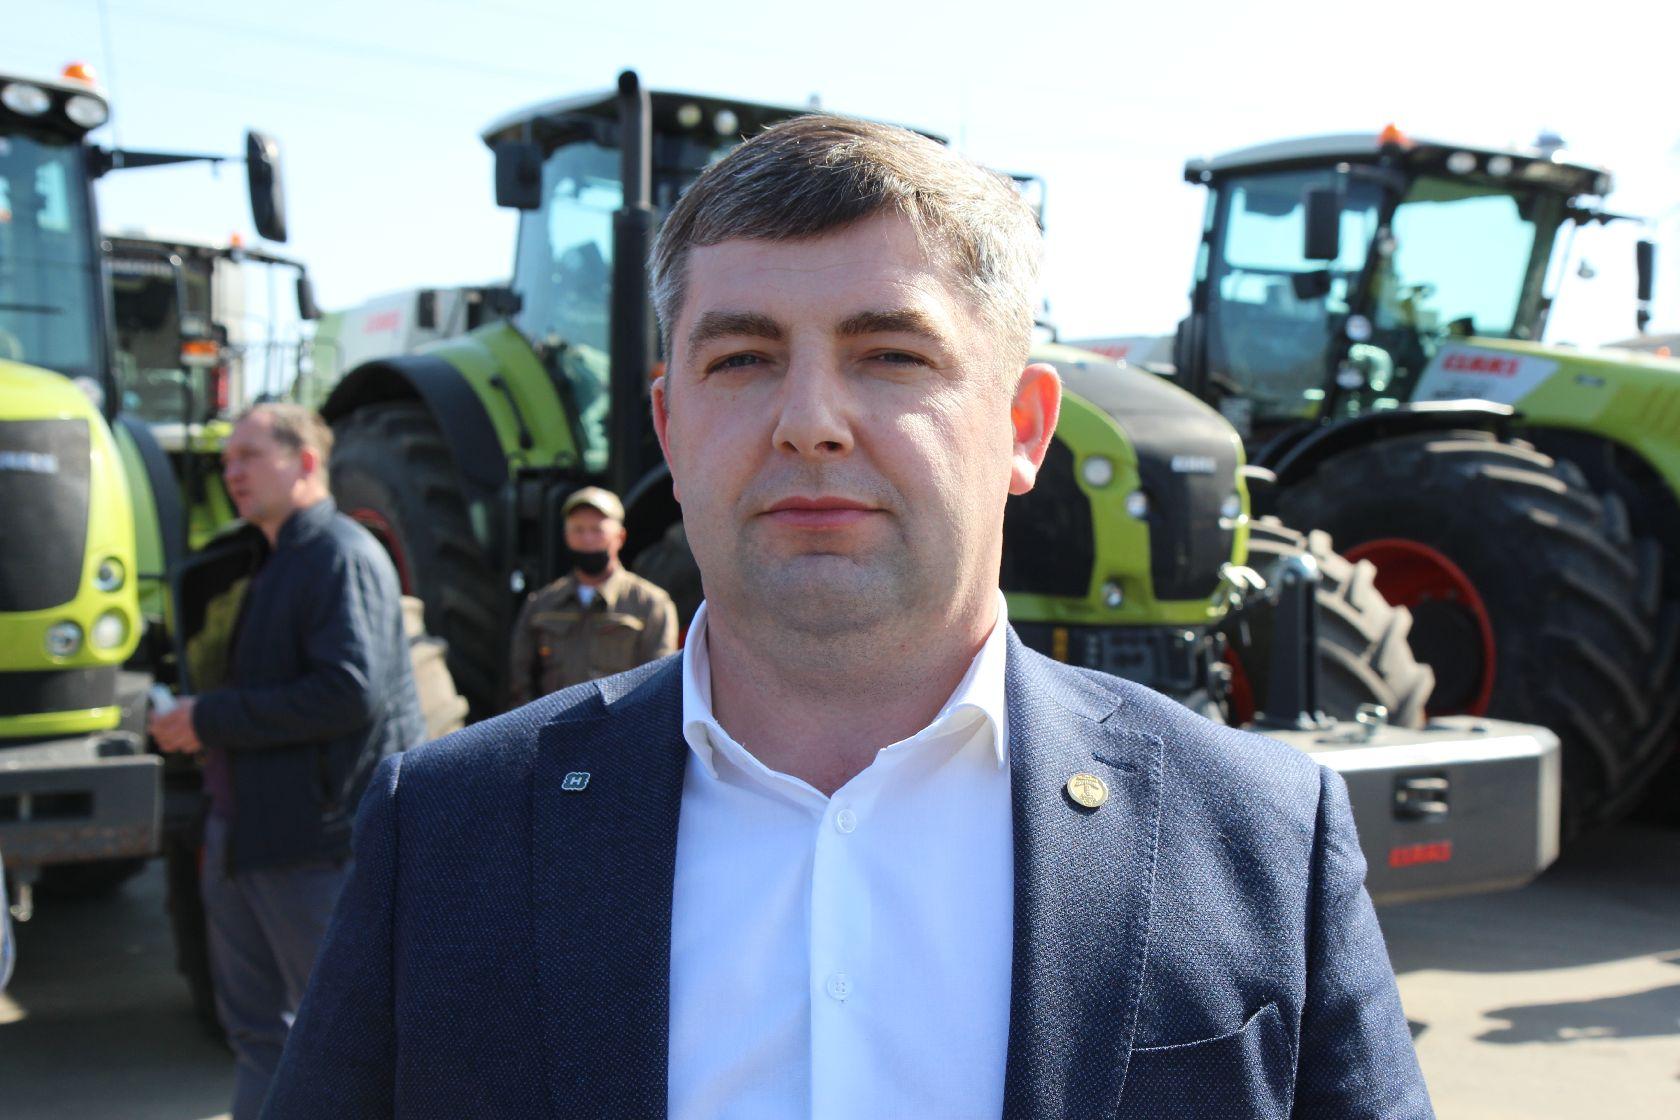 заместитель председателя ЗАО племзавод «Ирмень» по растениеводству, главный агроном Максим Альберт